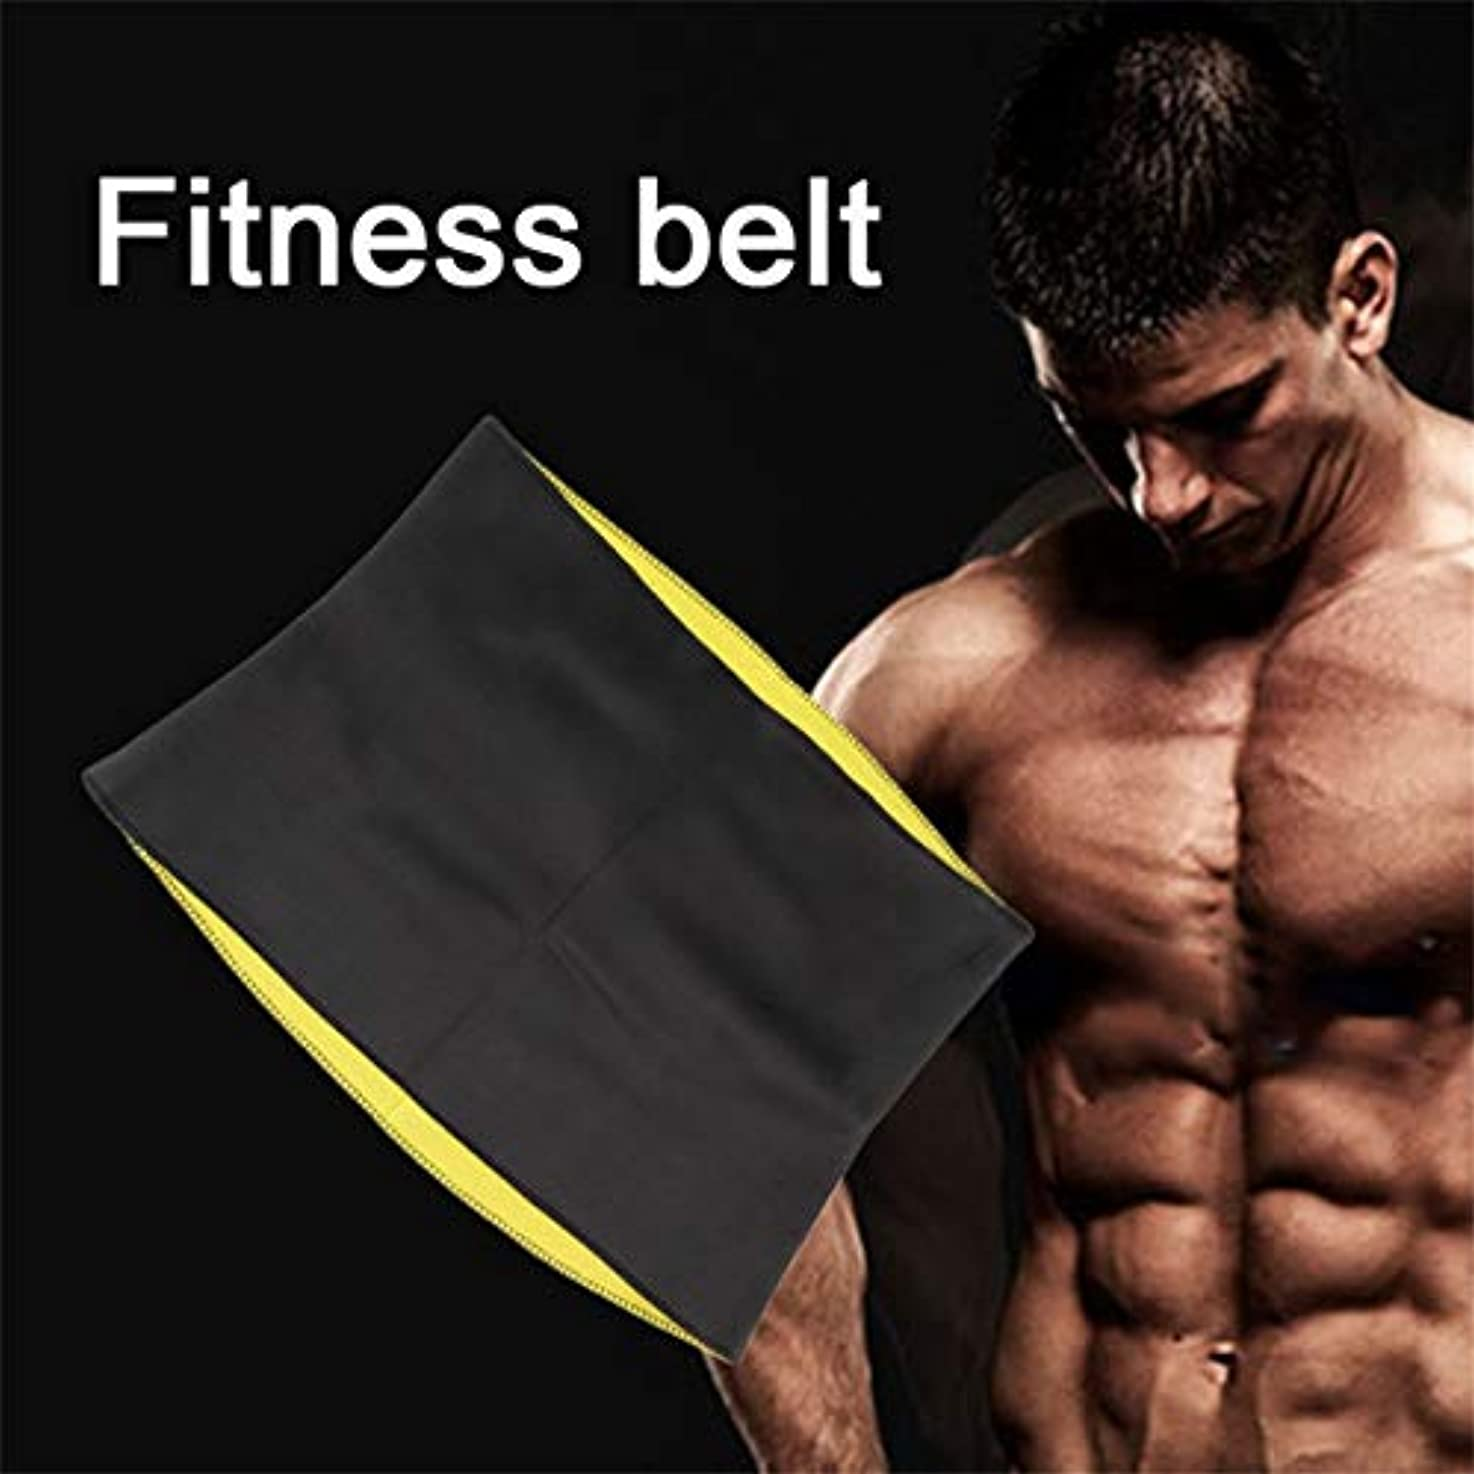 メトロポリタンパン屋エミュレーションWomen Adult Solid Neoprene Healthy Slimming Weight Loss Waist Belts Body Shaper Slimming Trainer Trimmer Corsets